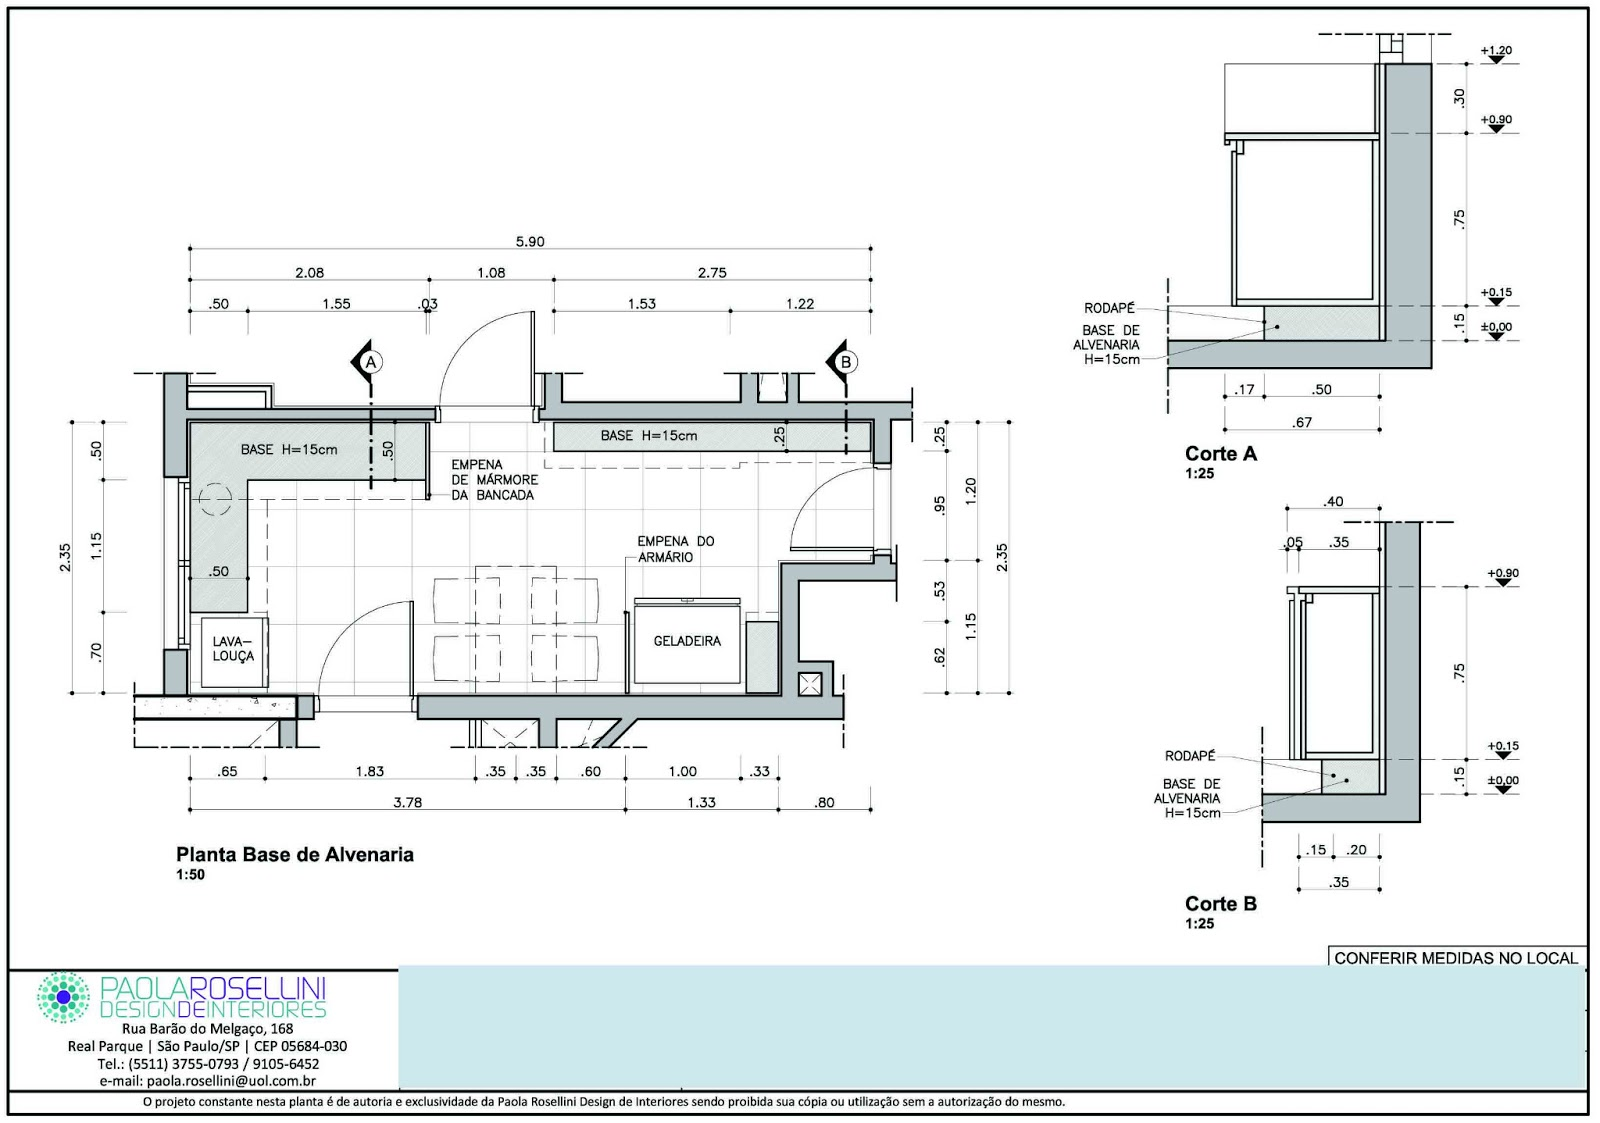 Imagens de #2000CC COBERTURA = dimensionamento do elemento que compõem a cobertura seja  1600x1123 px 3402 Bloco Cad Cabine Banheiro